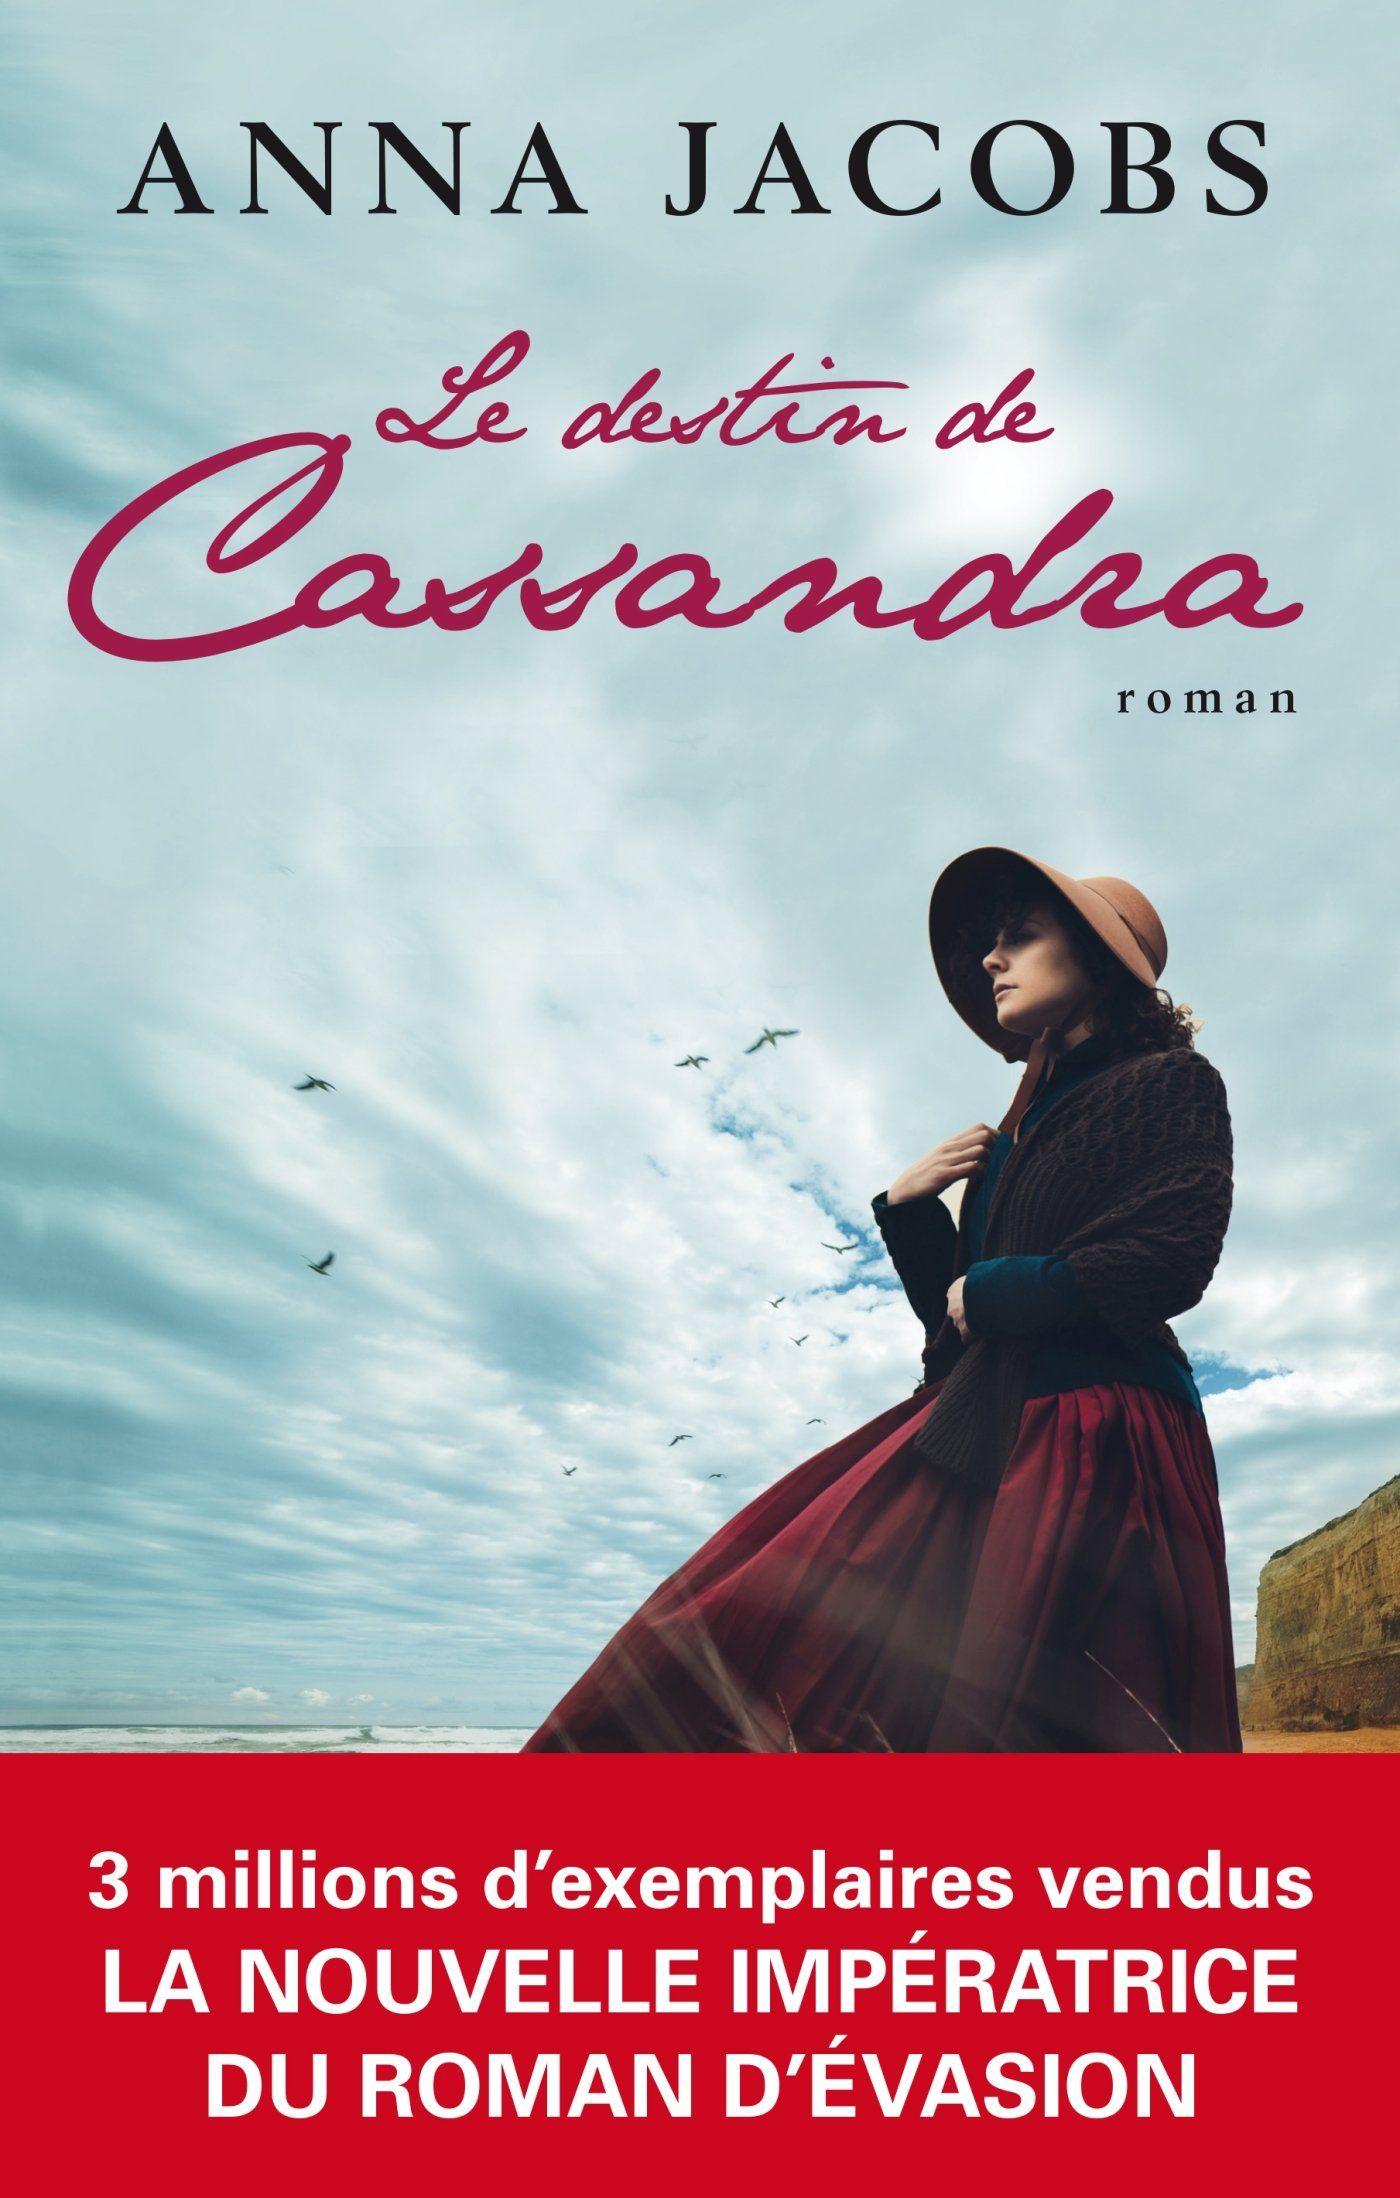 Telecharger Cassandra Et Ses Soeurs Pdf Gratuitement Ebook Cassandra Anna Jacobs